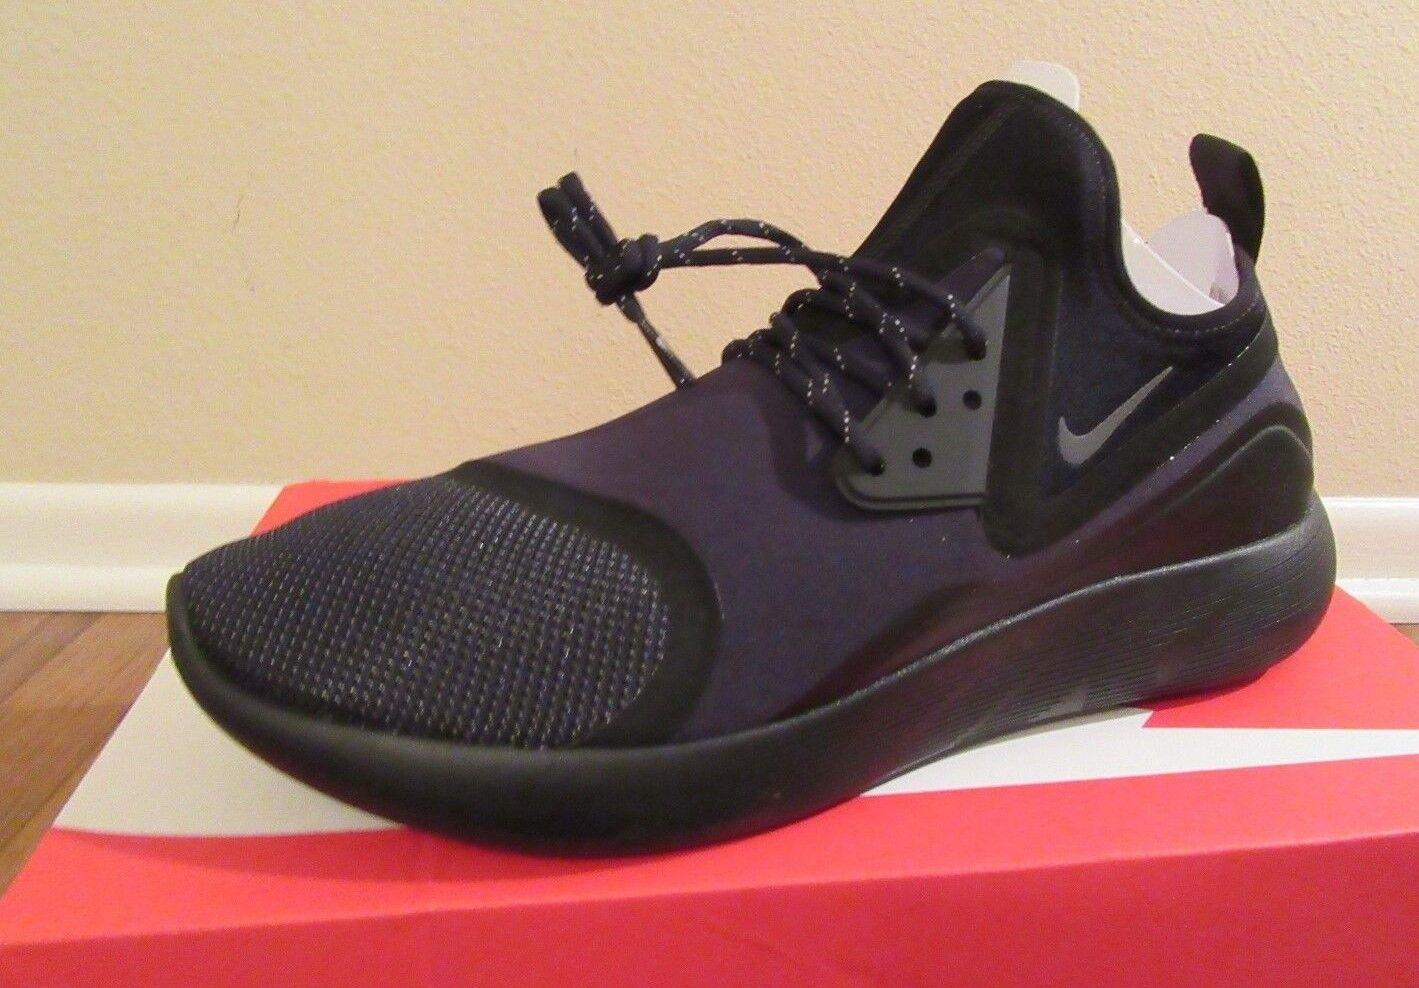 Nike lunarcharge essenziale dimensione nero grigio scuro volt 923619 001 nuovo sergente pennino